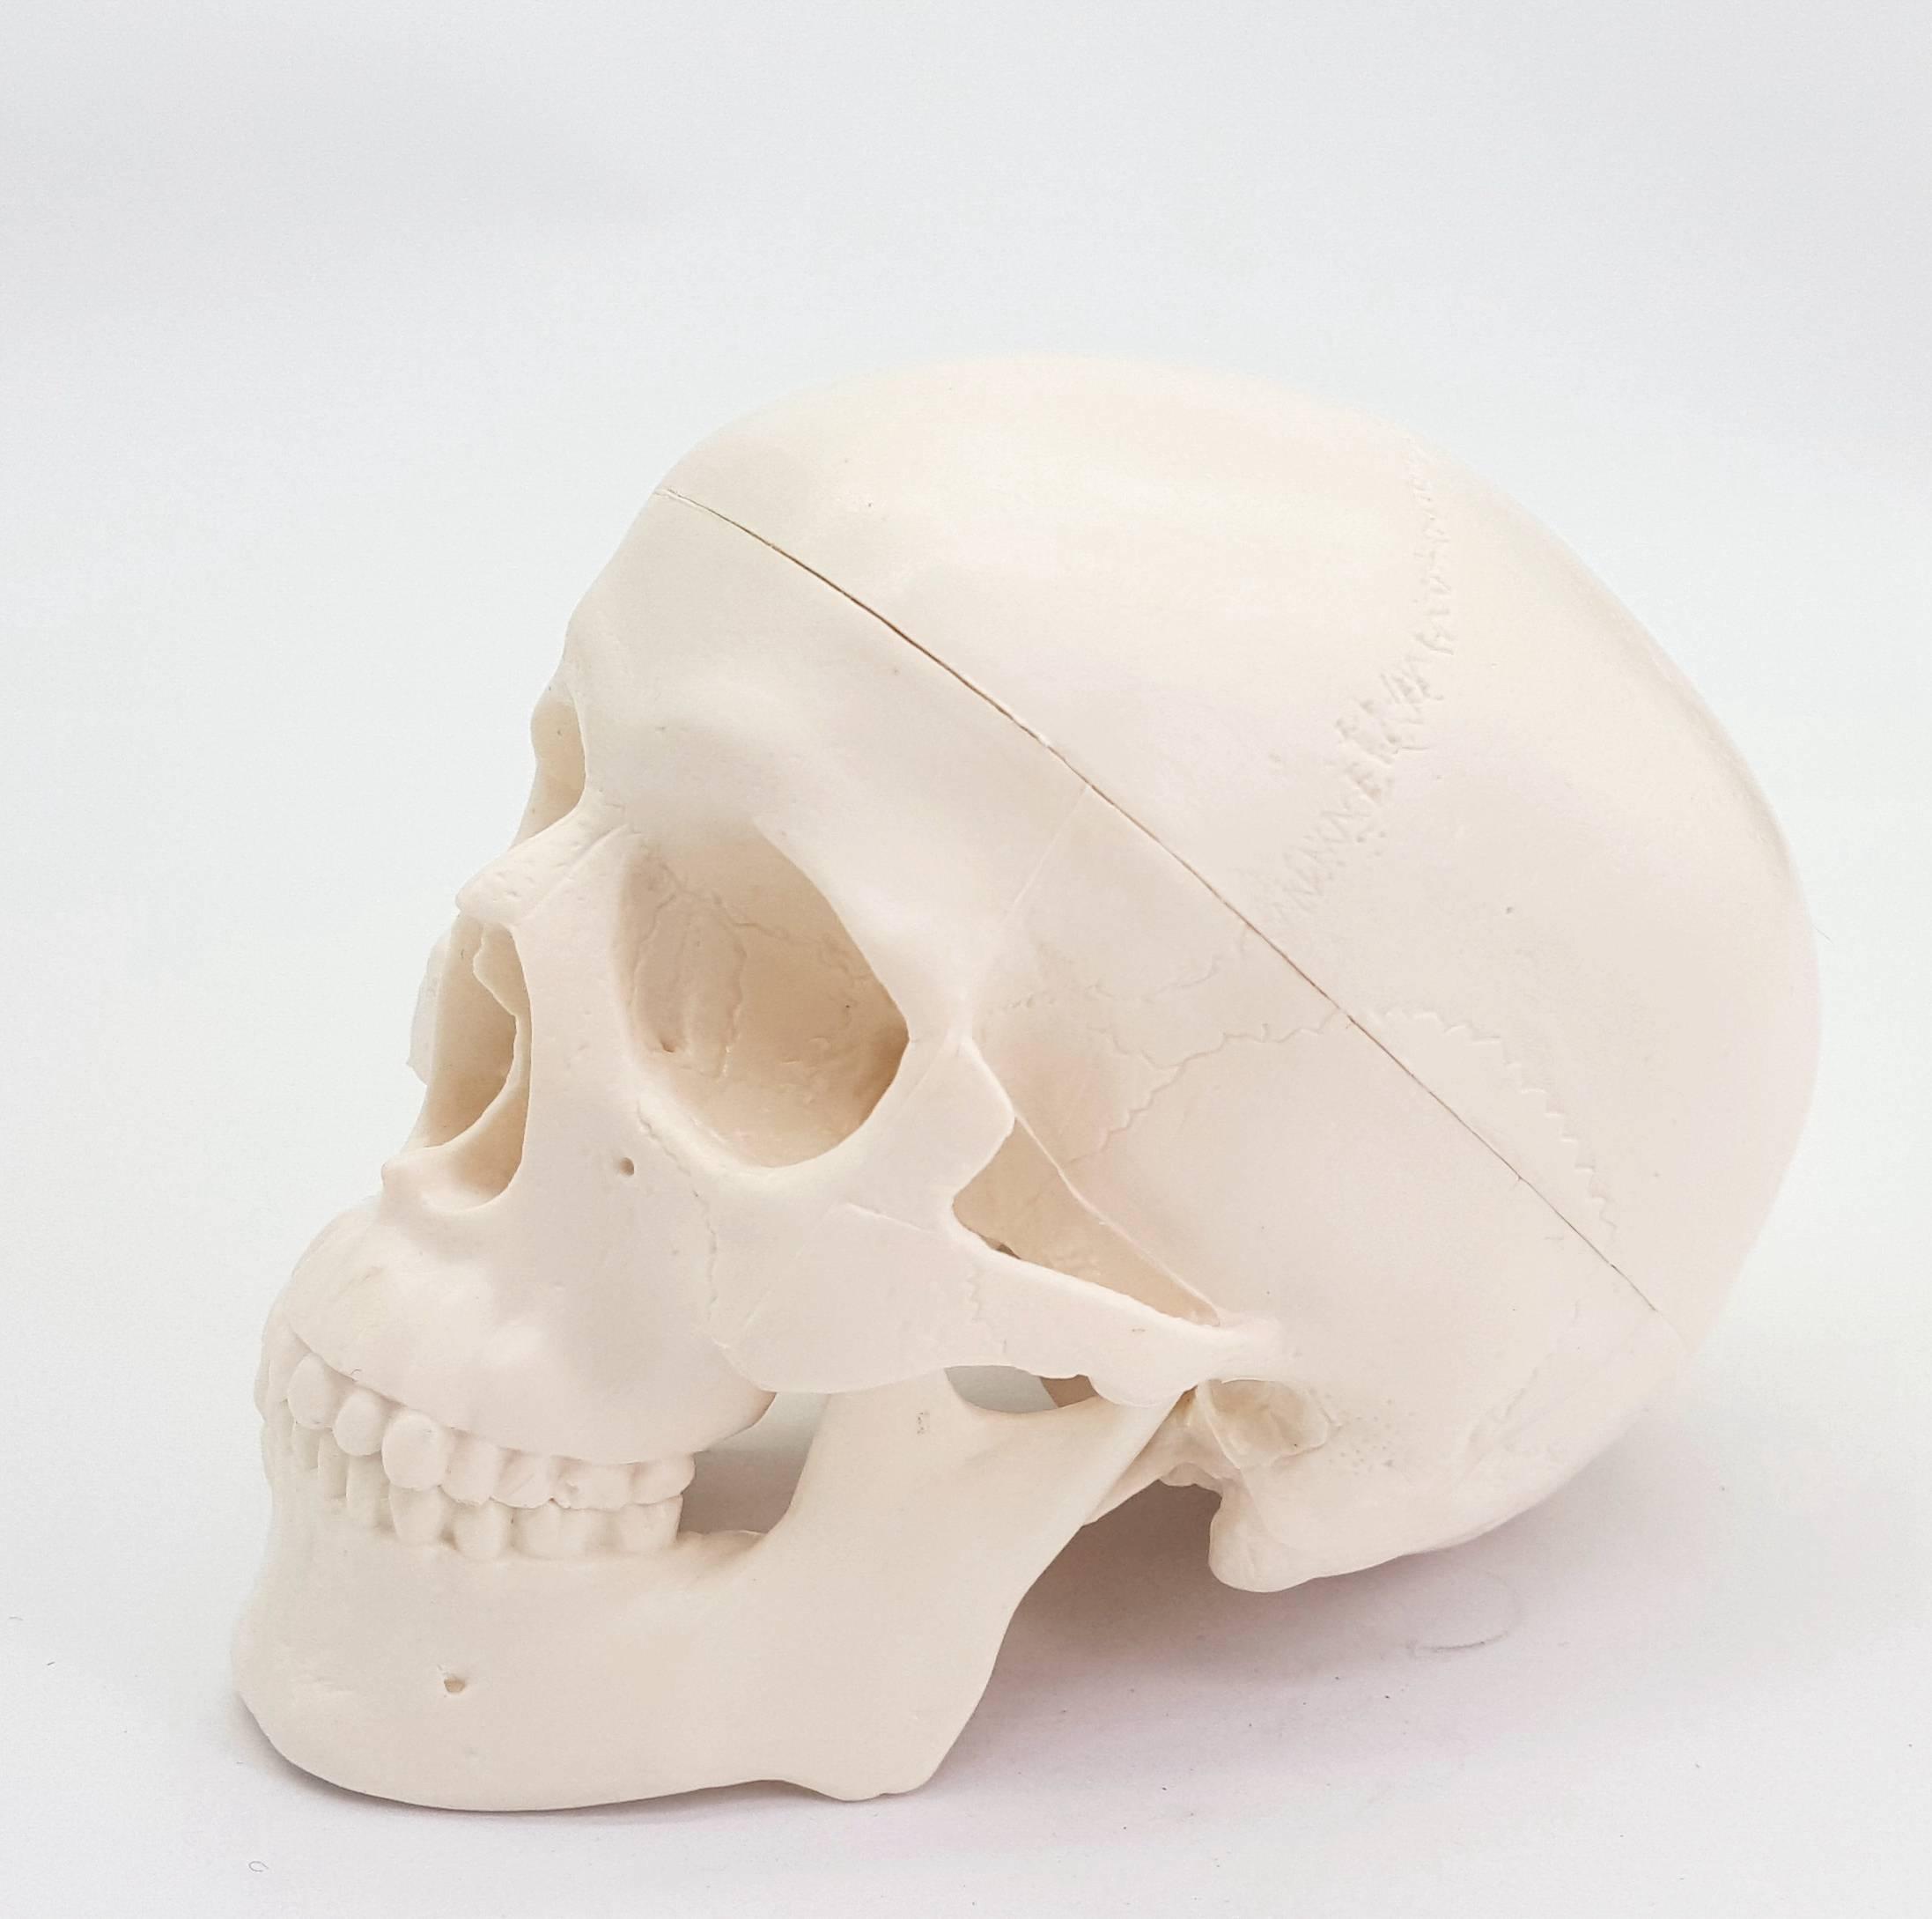 PVC Mini Skull Human Anatomical Anatomy Head Medical Model Convenient 92x99x71mm